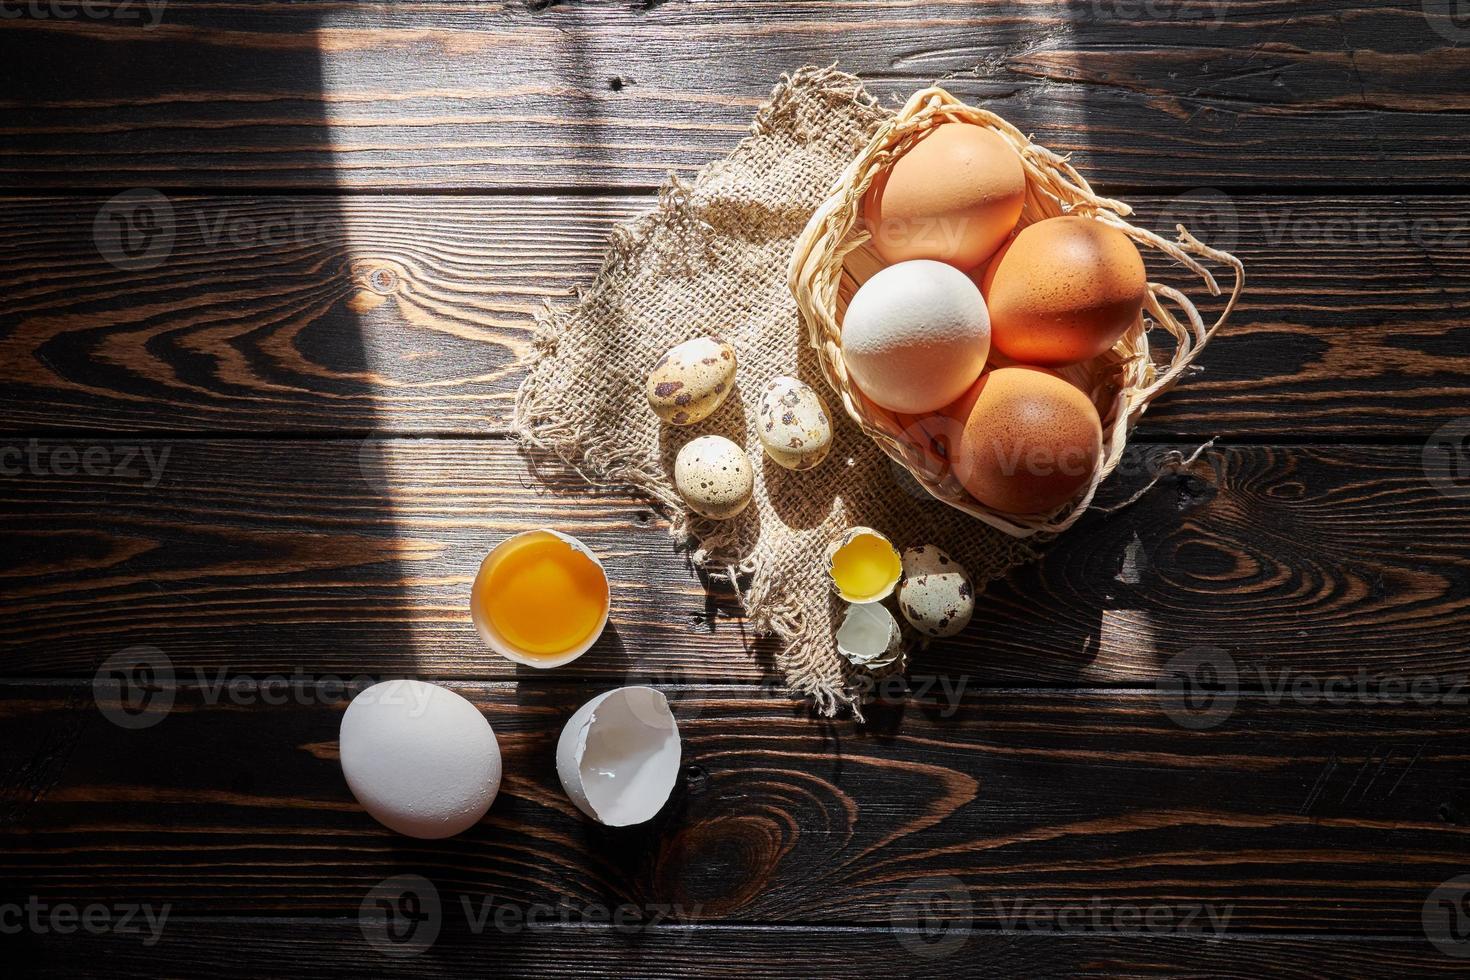 composição variada de ovos com luz solar da janela foto